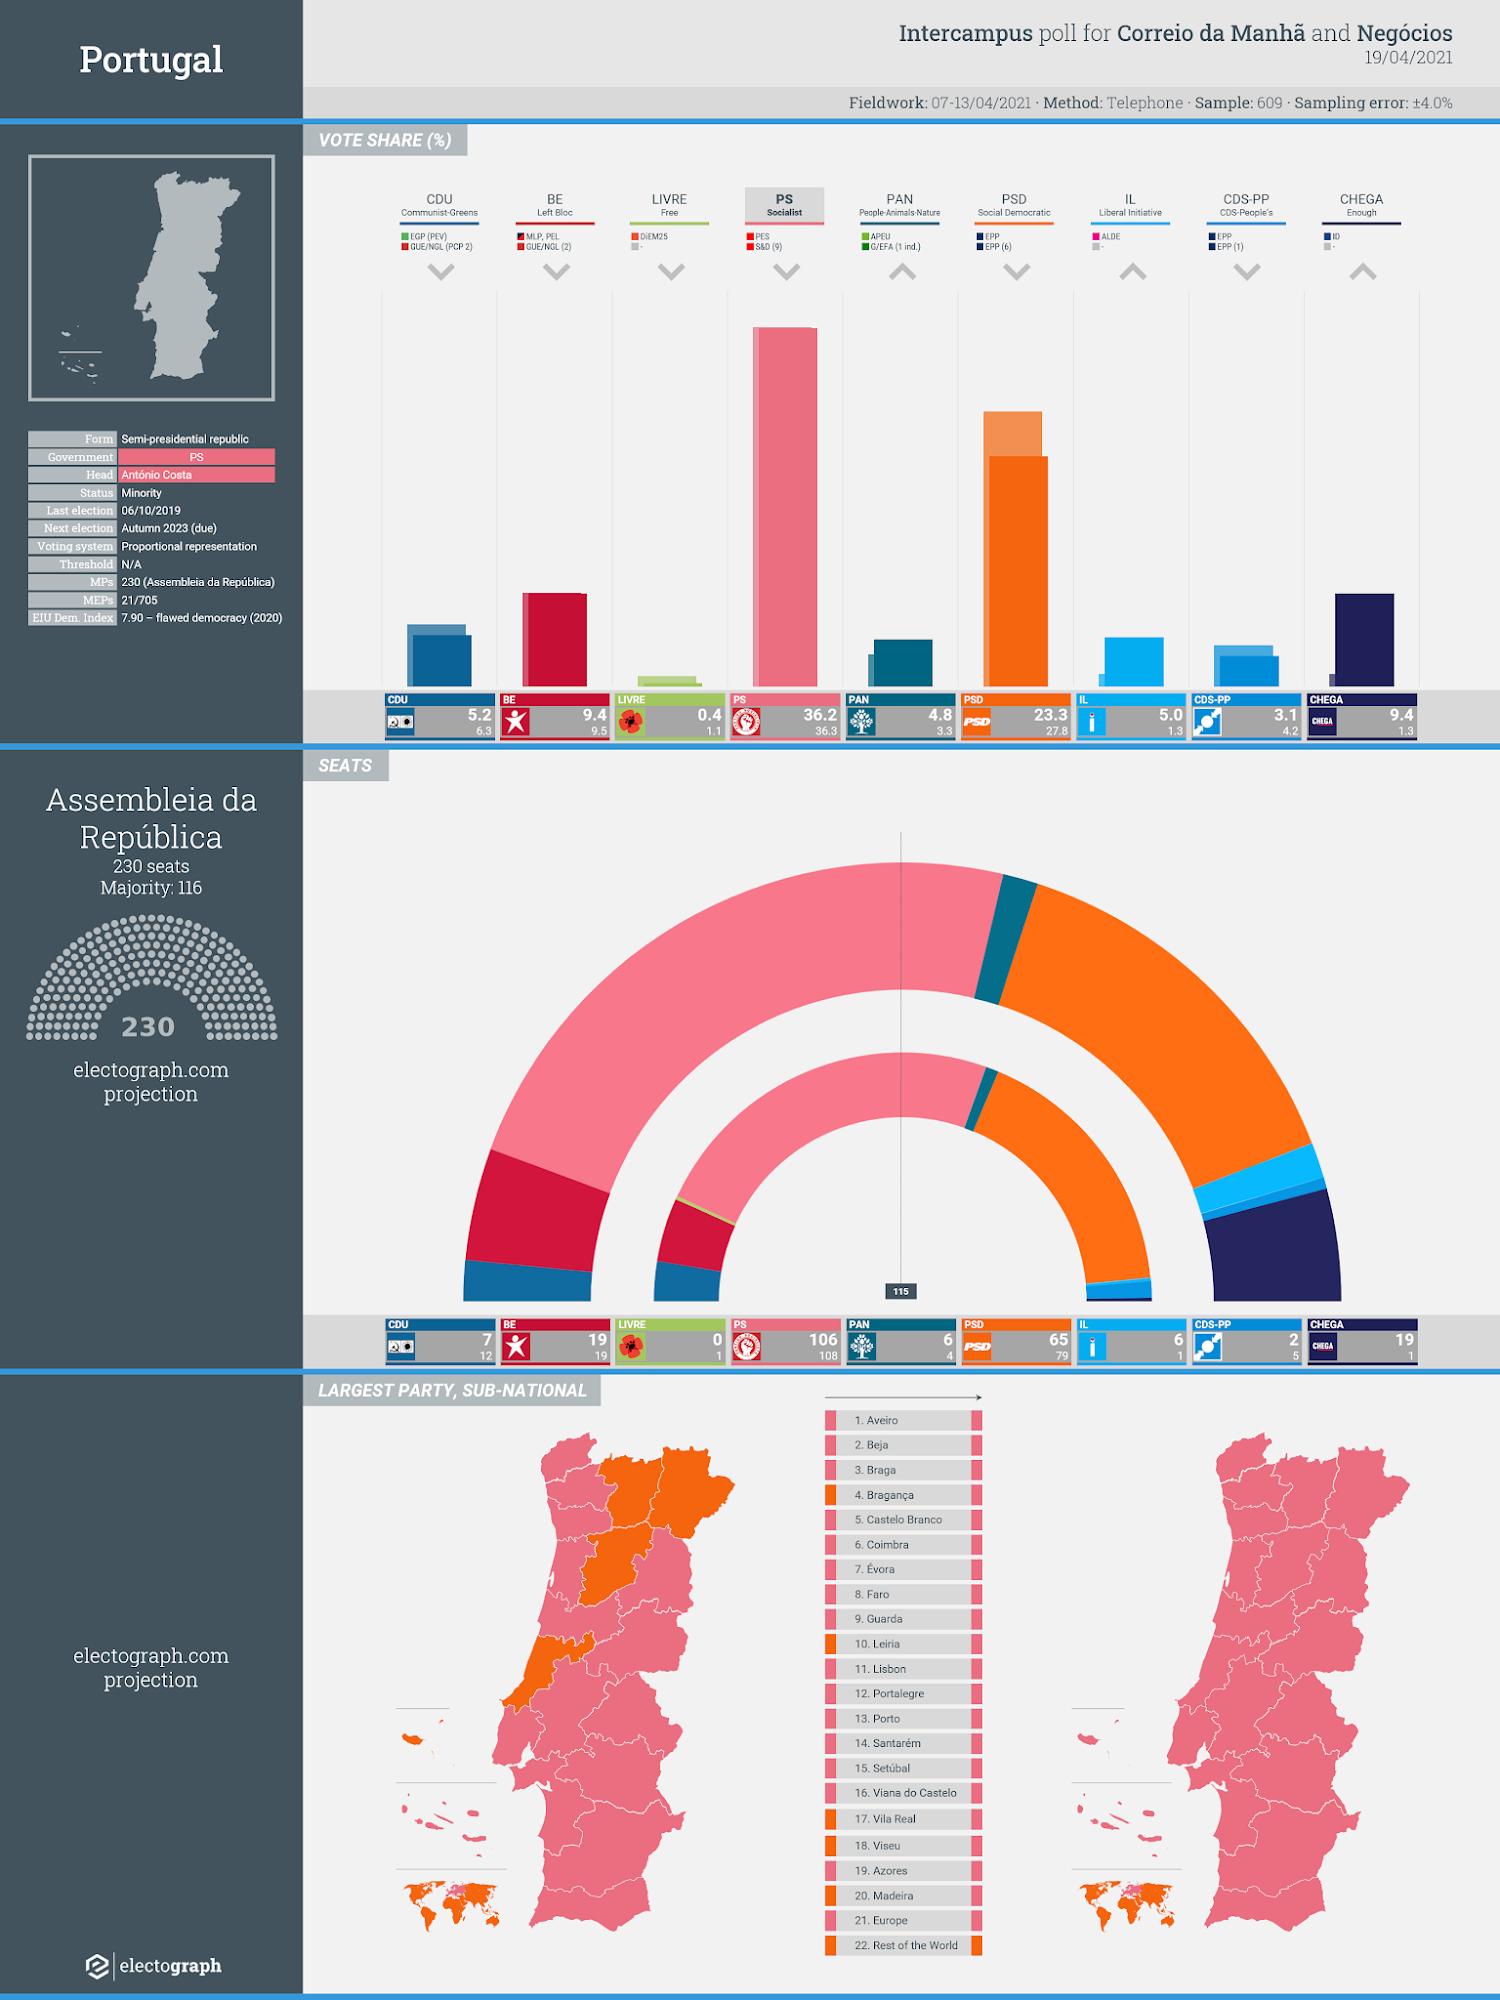 PORTUGAL: Intercampus poll chart for Correio da Manhã and Negócios, 19 April 2021